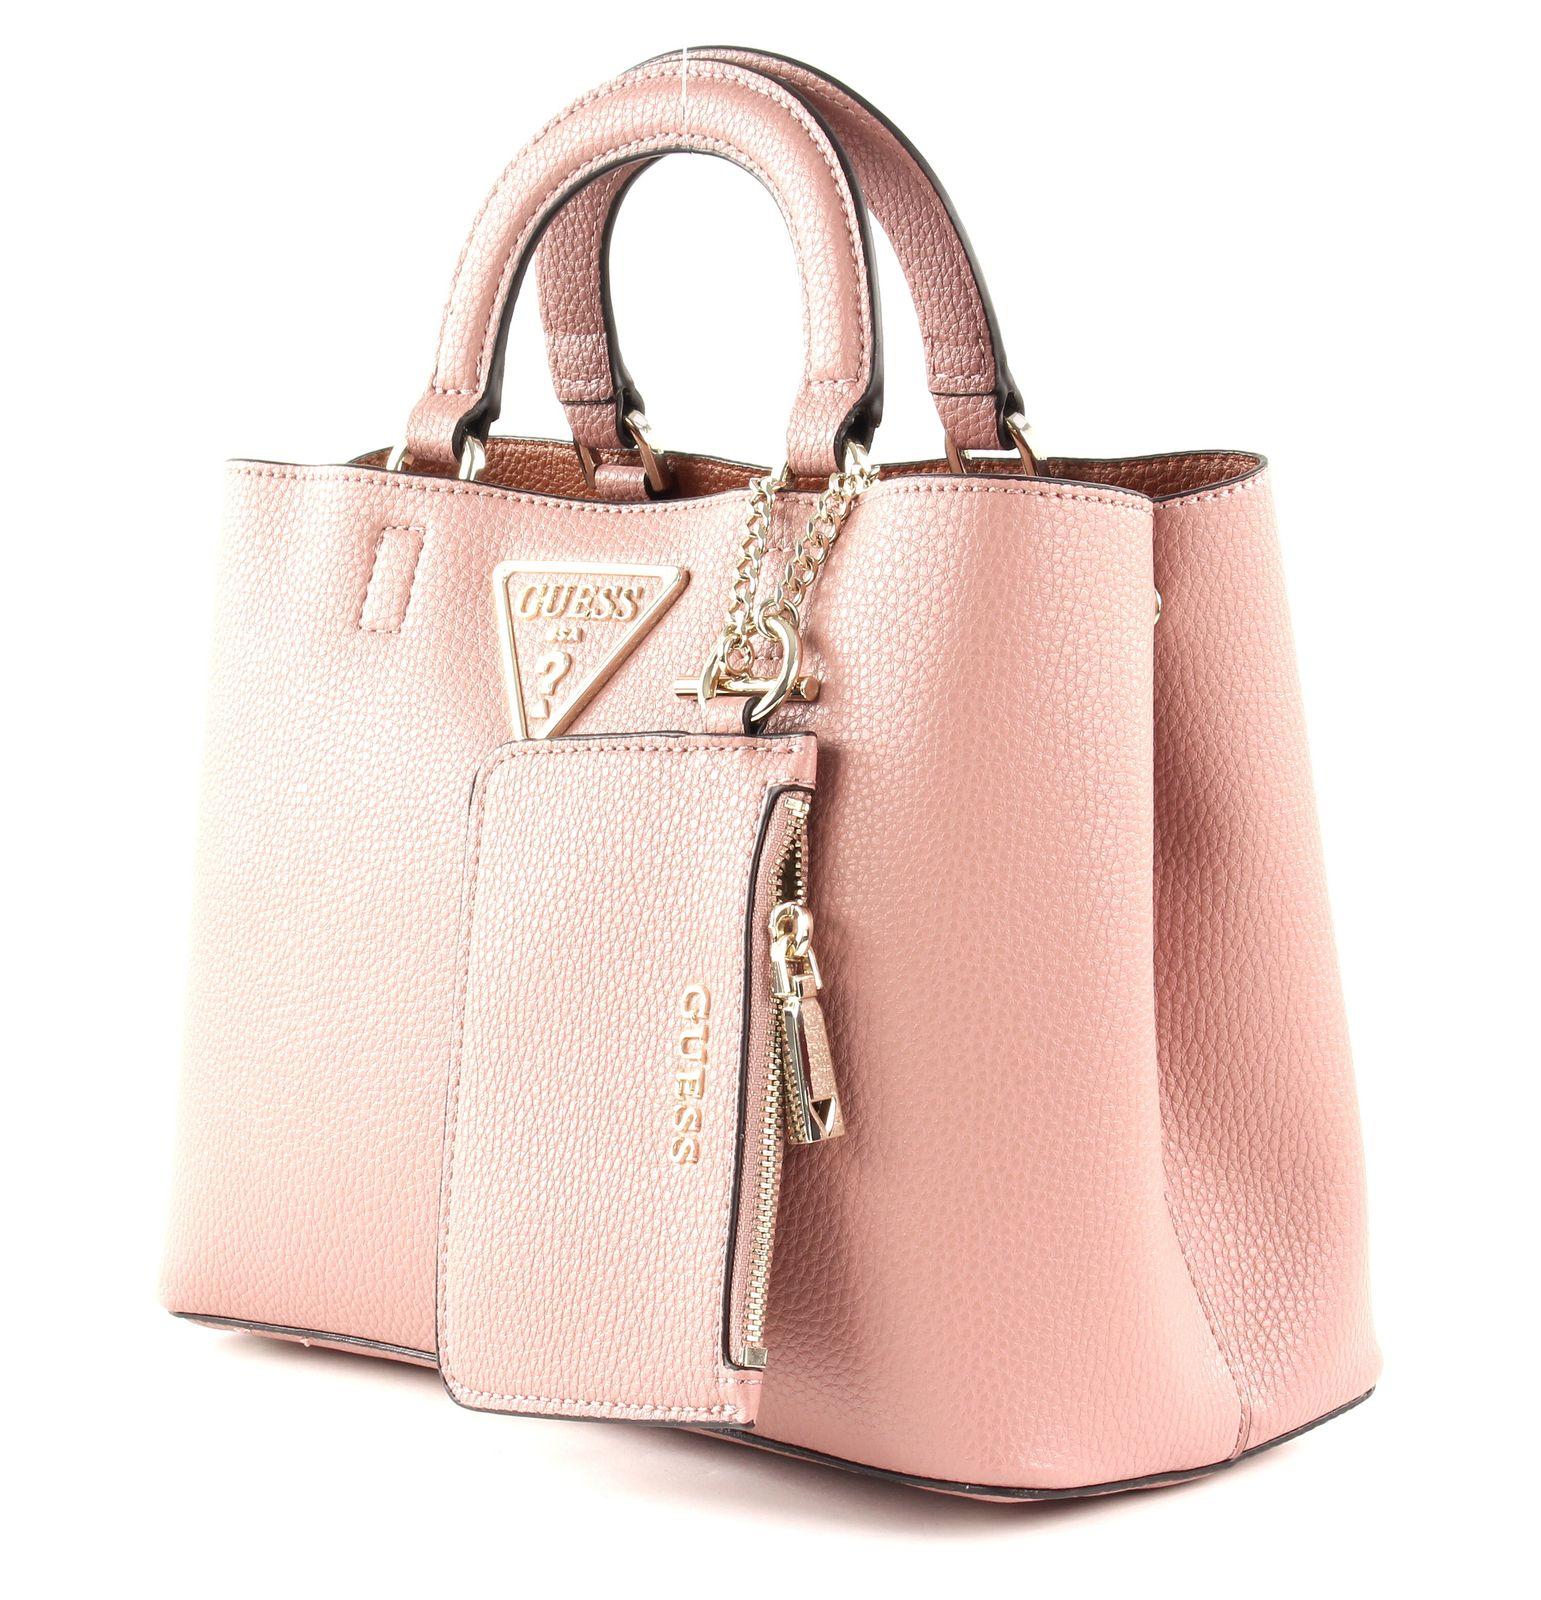 GUESS Aretha Girlfriend Satchel Handtasche Tasche Rosewood Rosa Neu